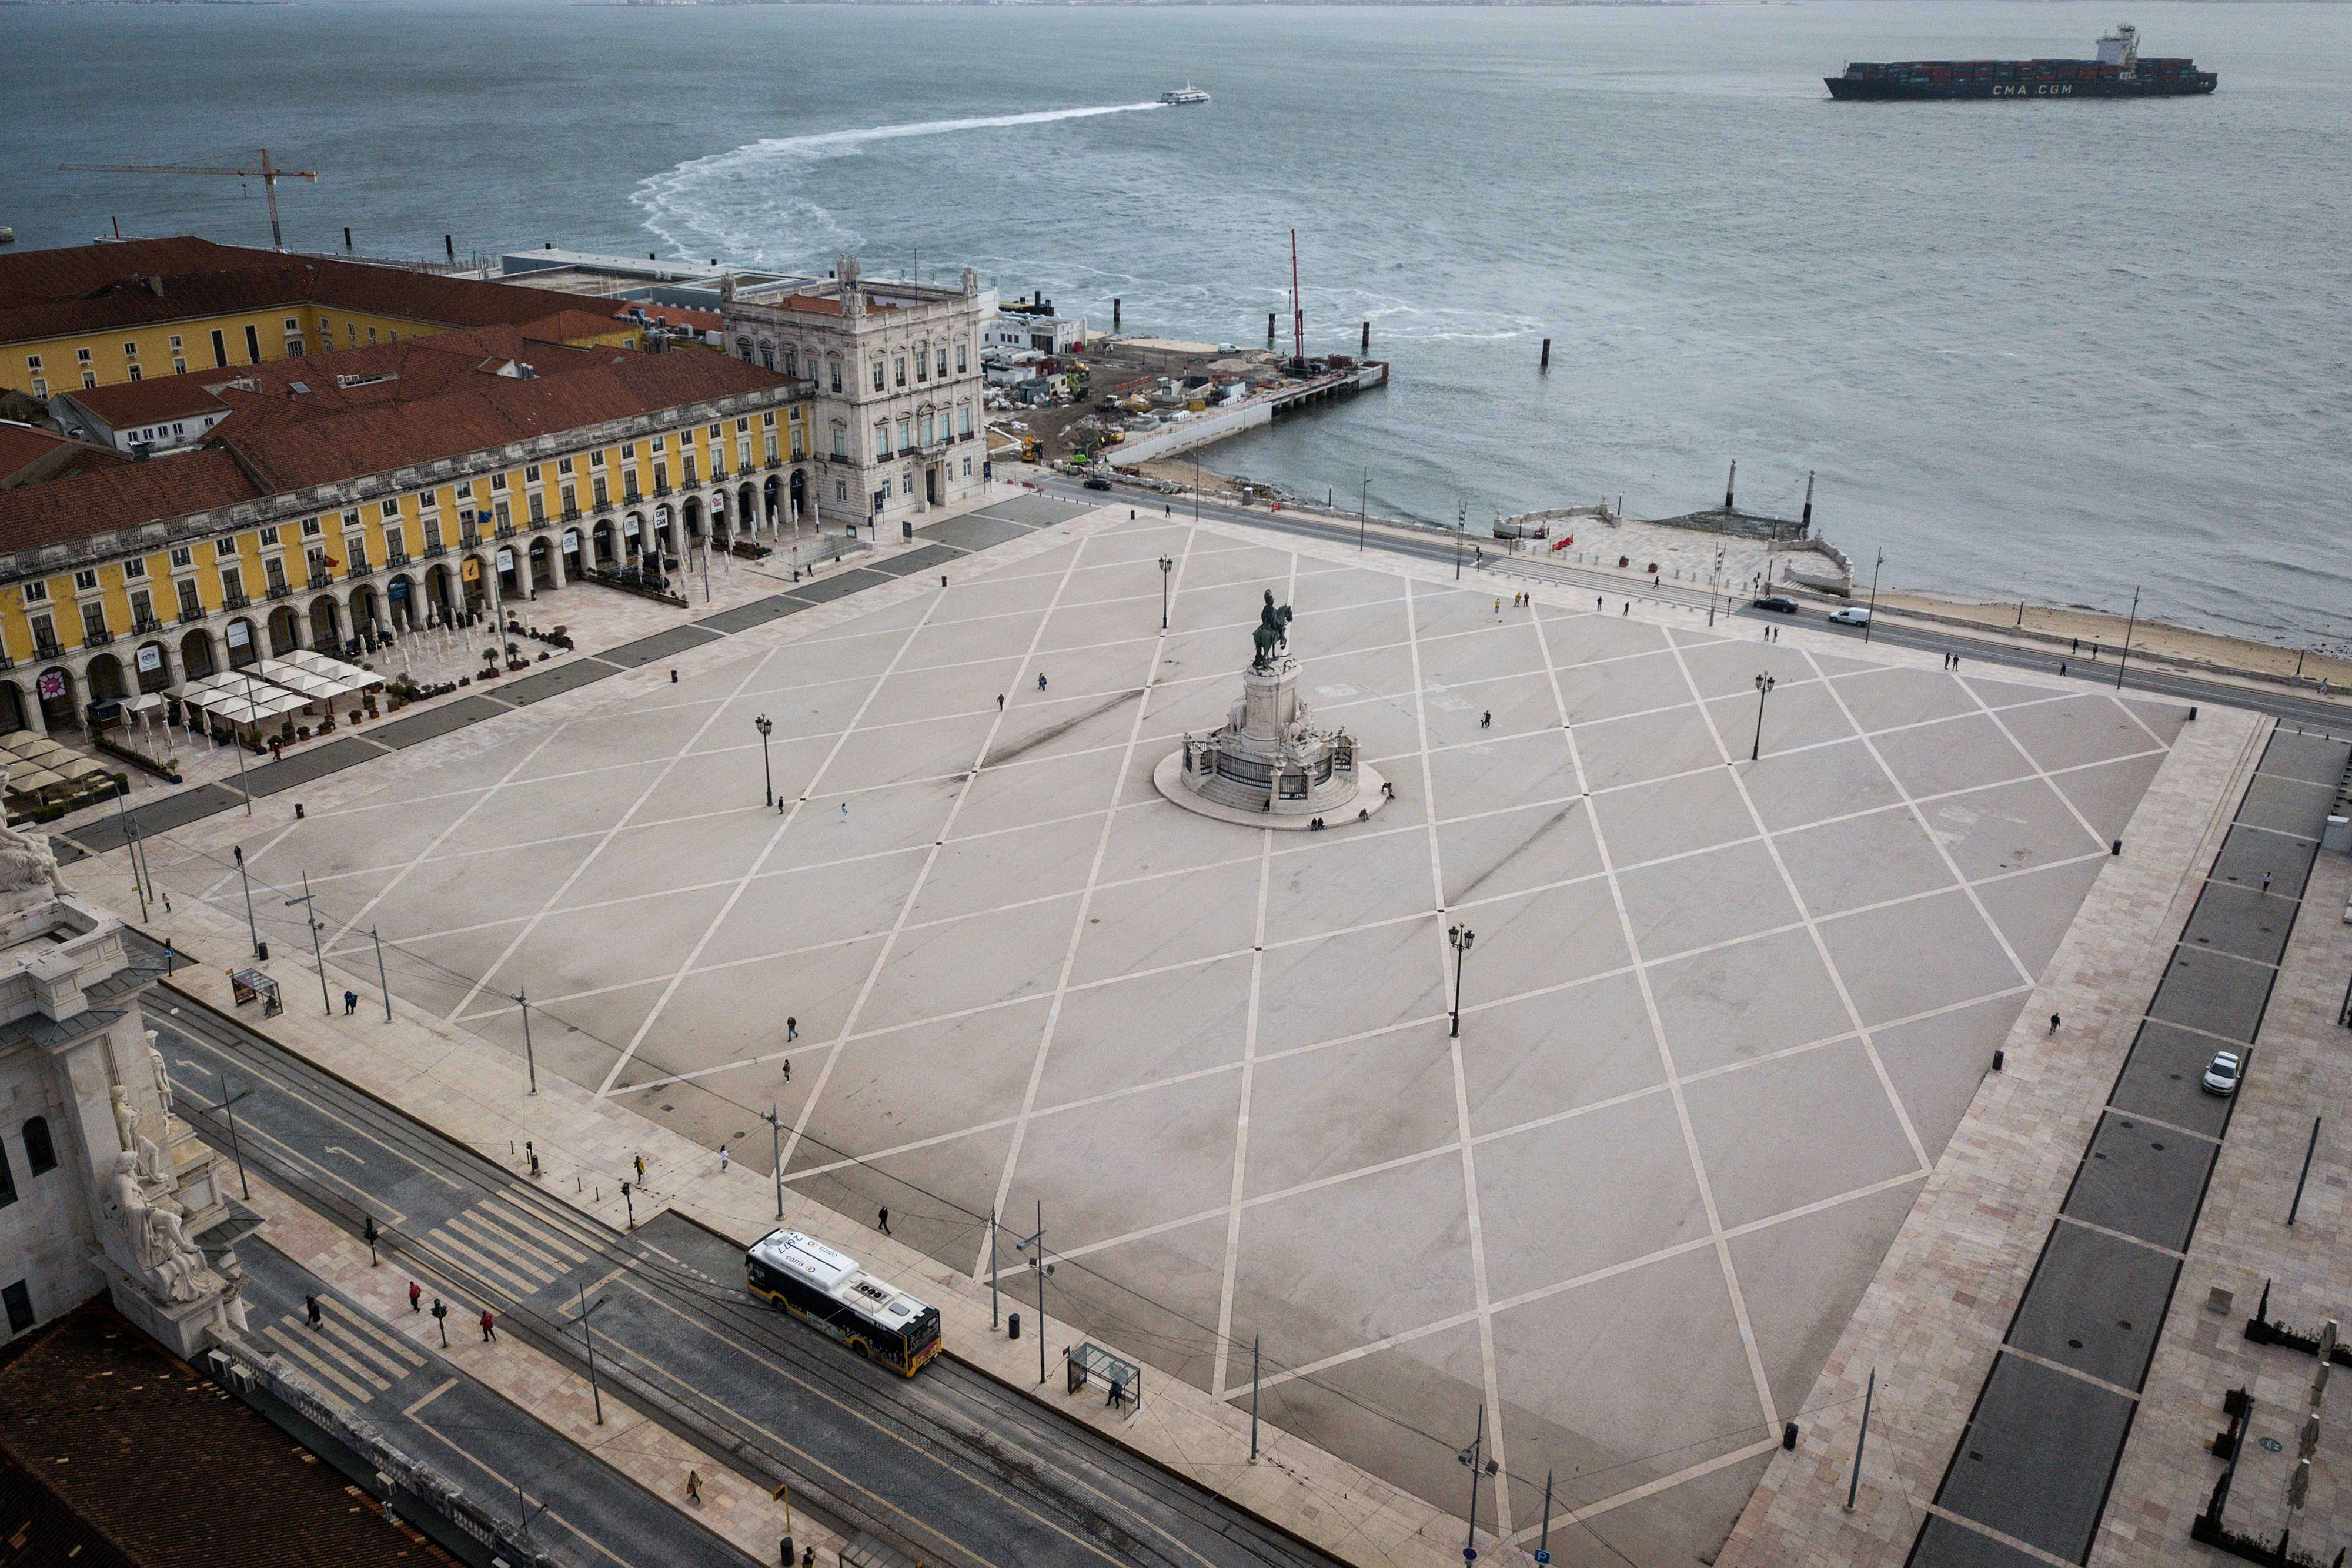 میدان خرید در لیسبیا در زندان کامل و بدون گردشگر.